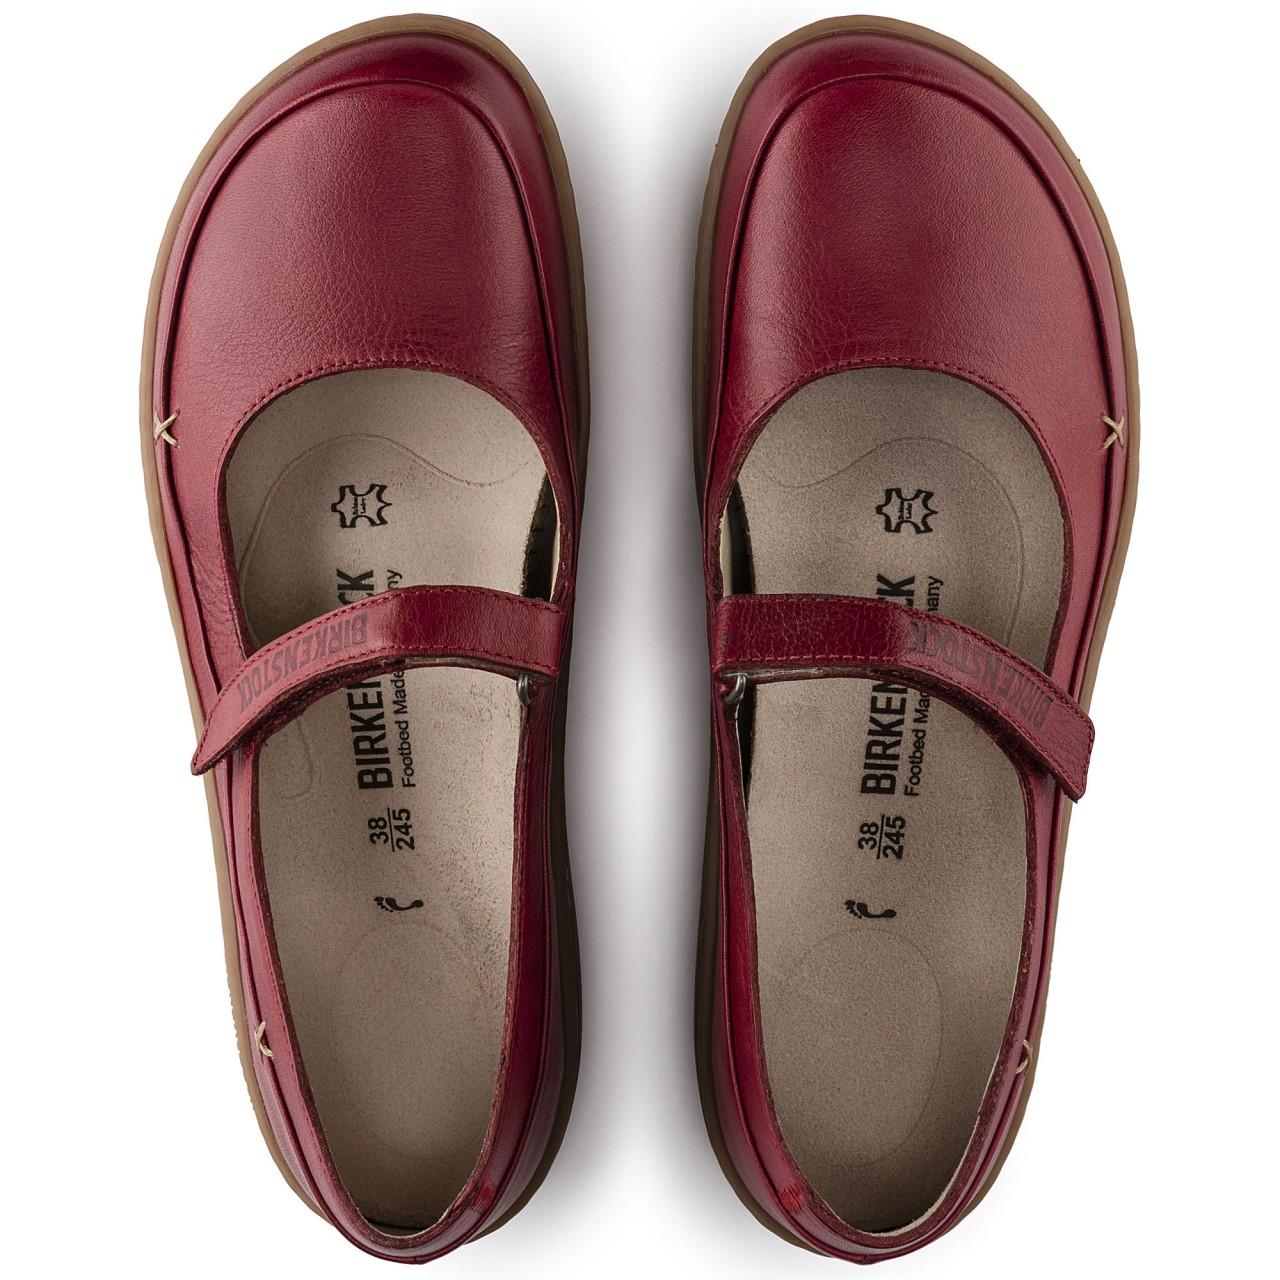 birkenstock-iona-red-1004578-pelle-rossa-milano-viareggio